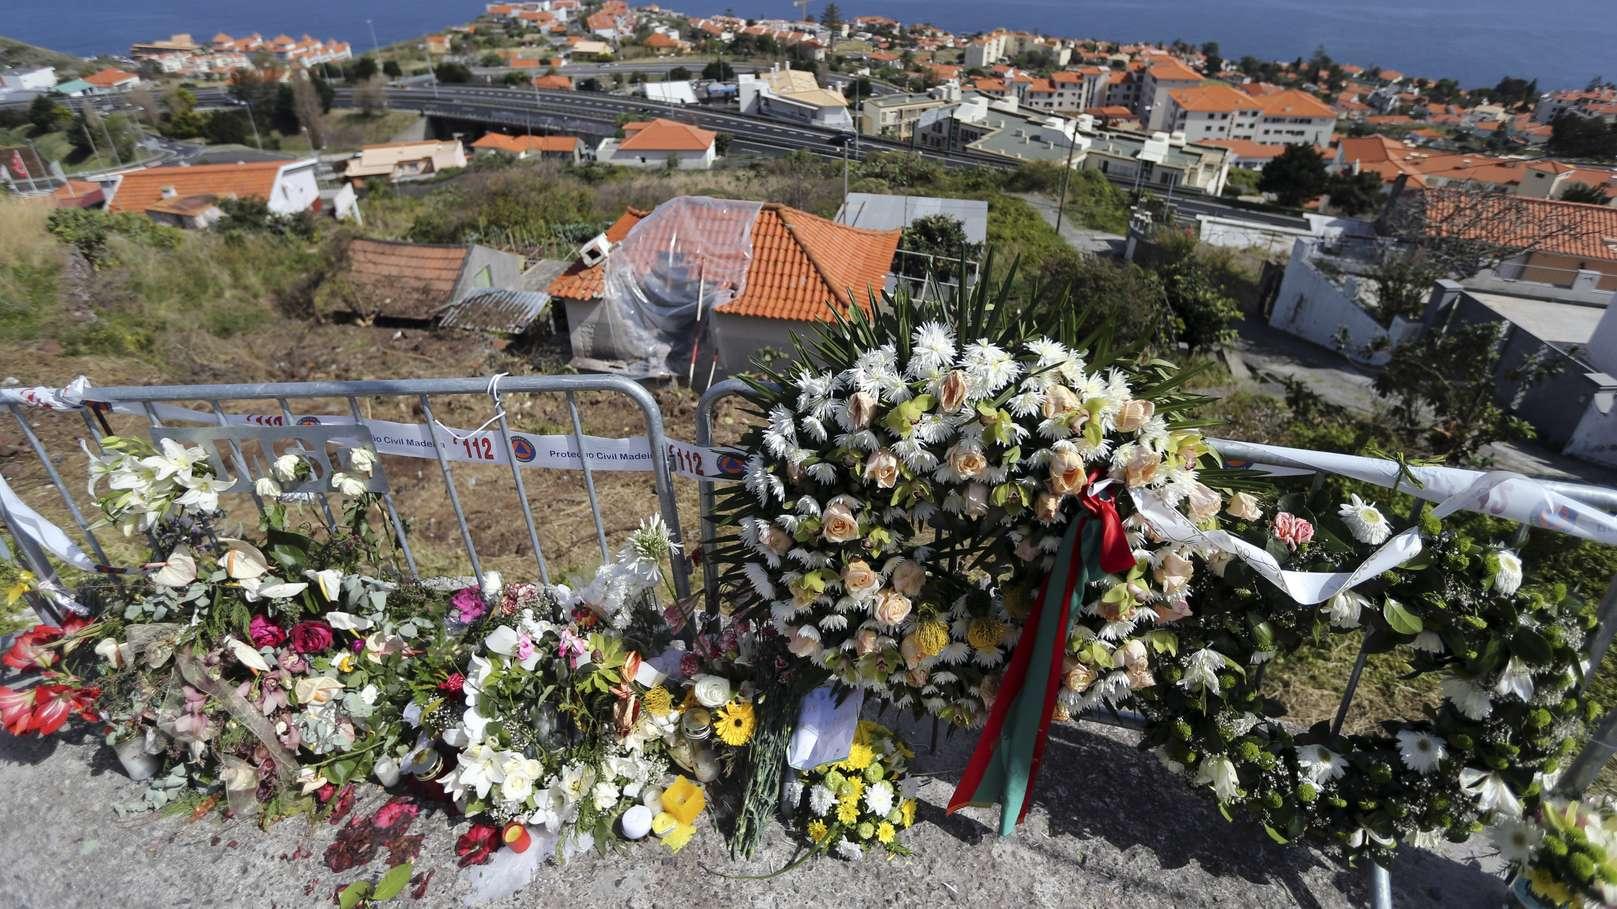 Blumen liegen an der Unfallstelle in Gedenken an das Busunglück. Bei dem Busunglück am 17.04.2019 auf der portugiesischen Atlantikinsel Madeira sind 29 Menschen ums Leben gekommen.